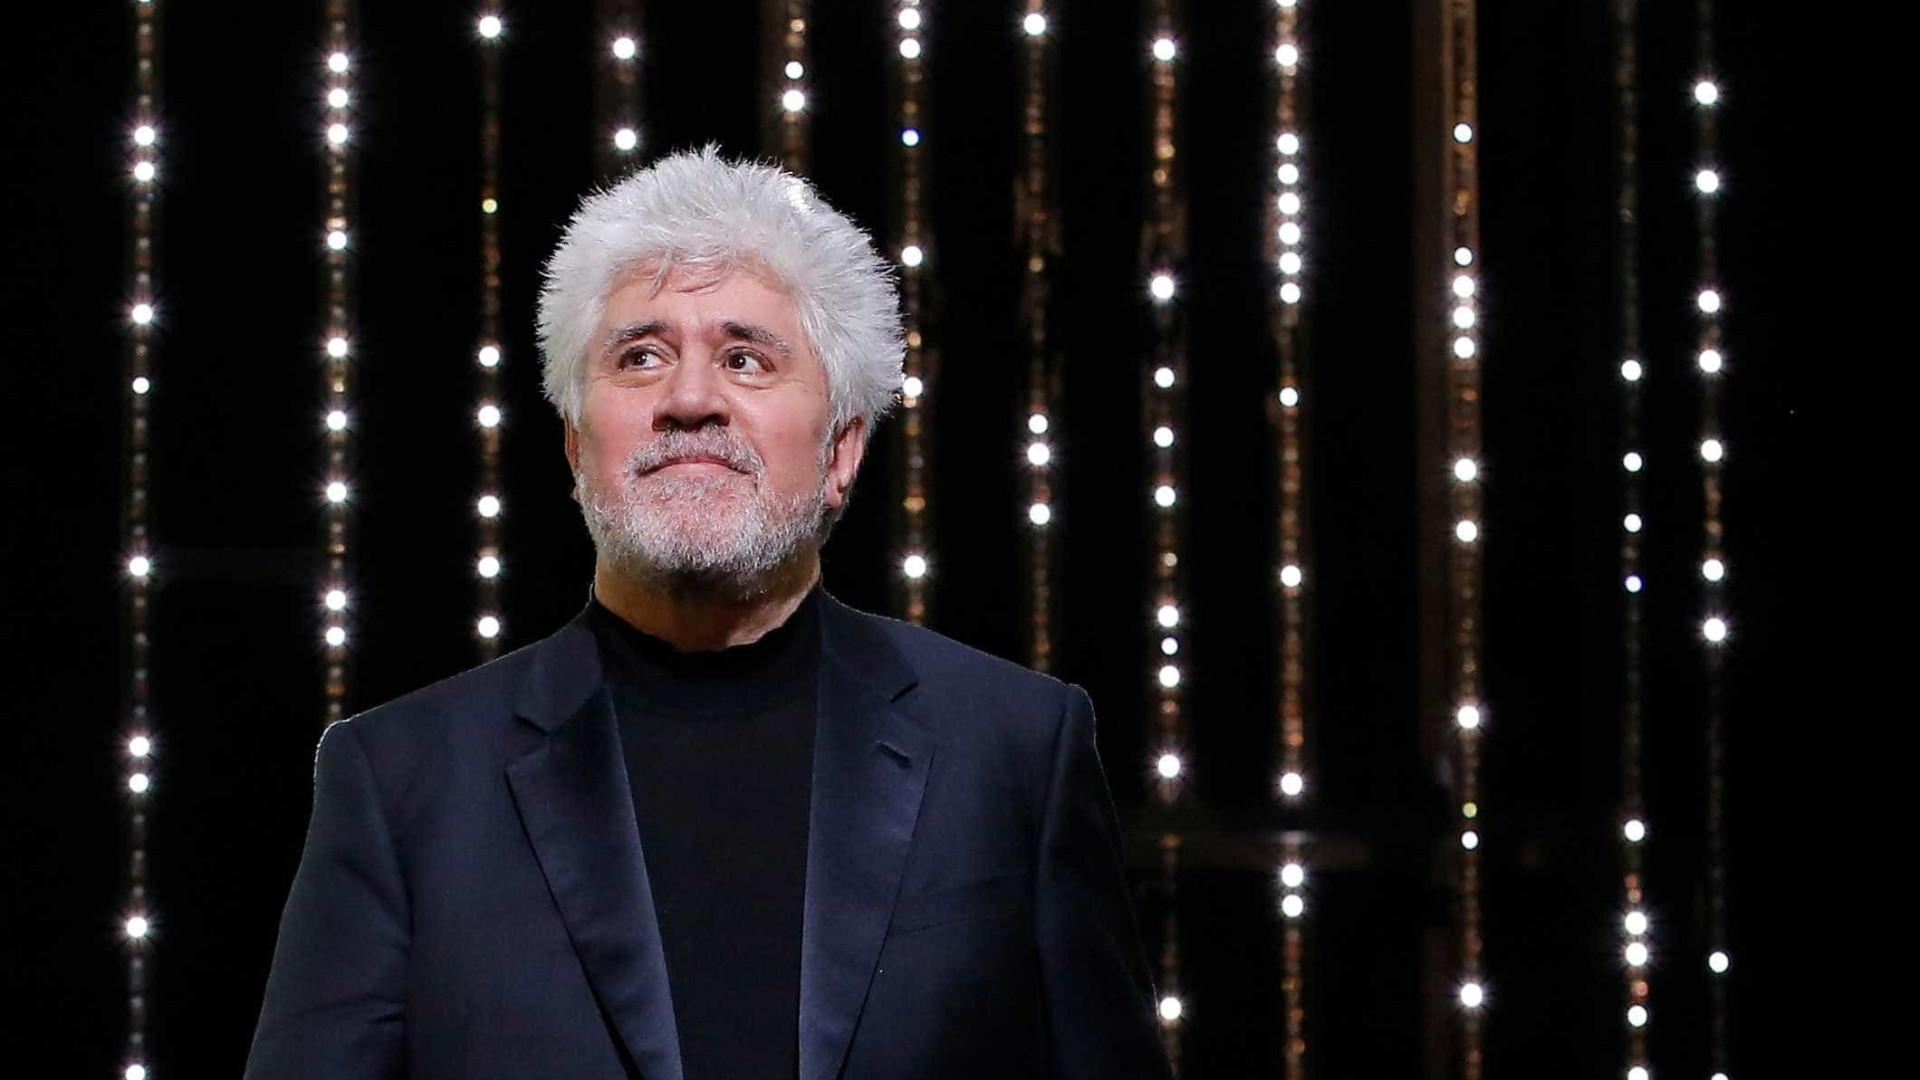 'Há uma ditadura do politicamente correto', diz Almodóvar em Cannes